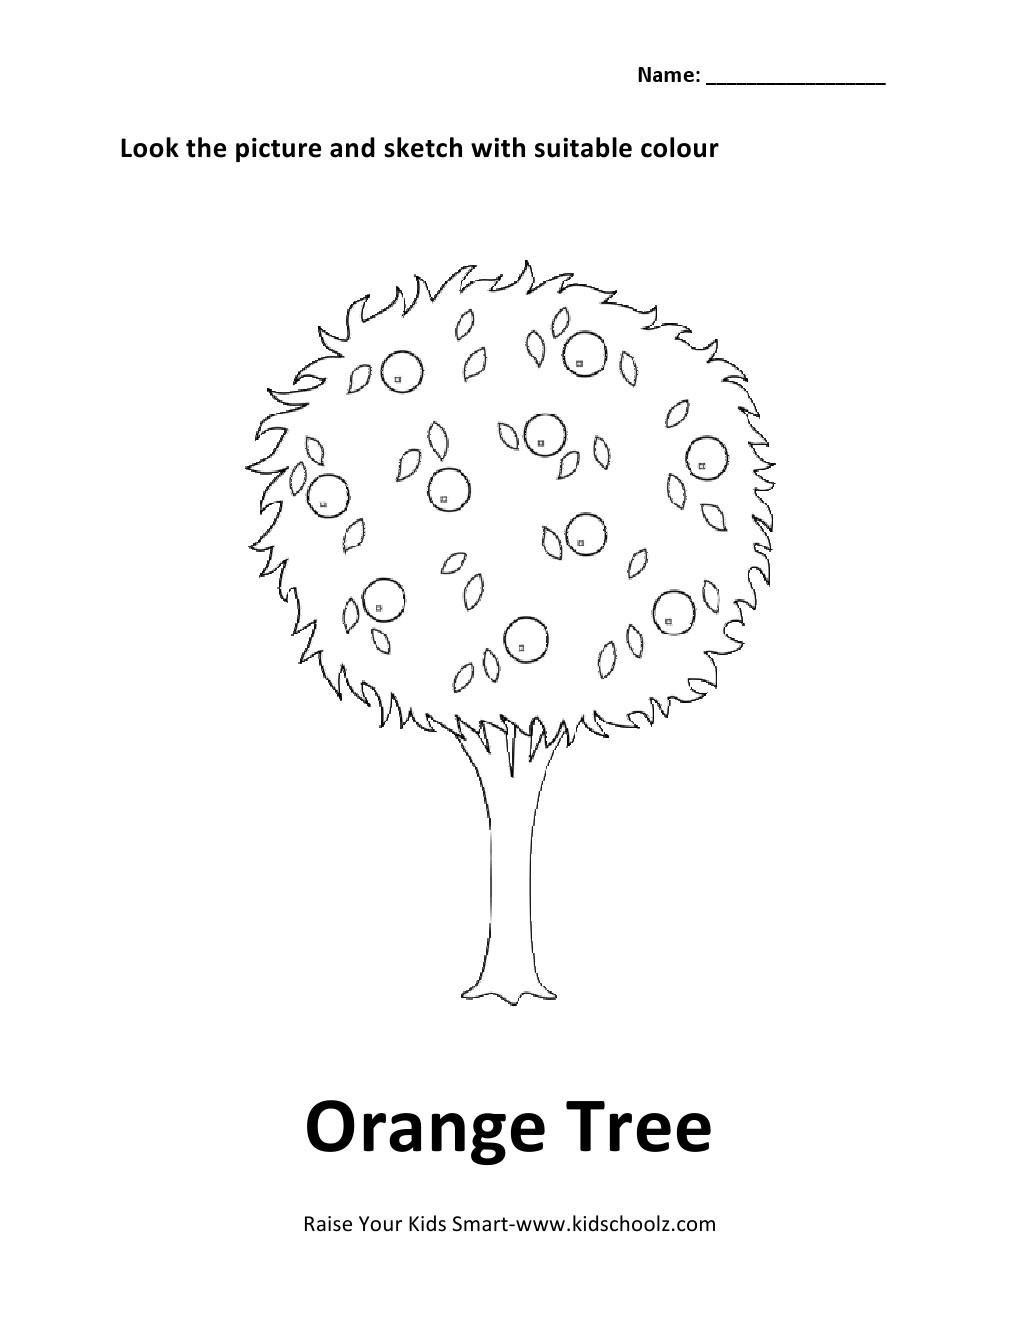 Colouring Worksheet Orange Tree KidschoolzKidschoolz – Parts of a Tree Worksheet